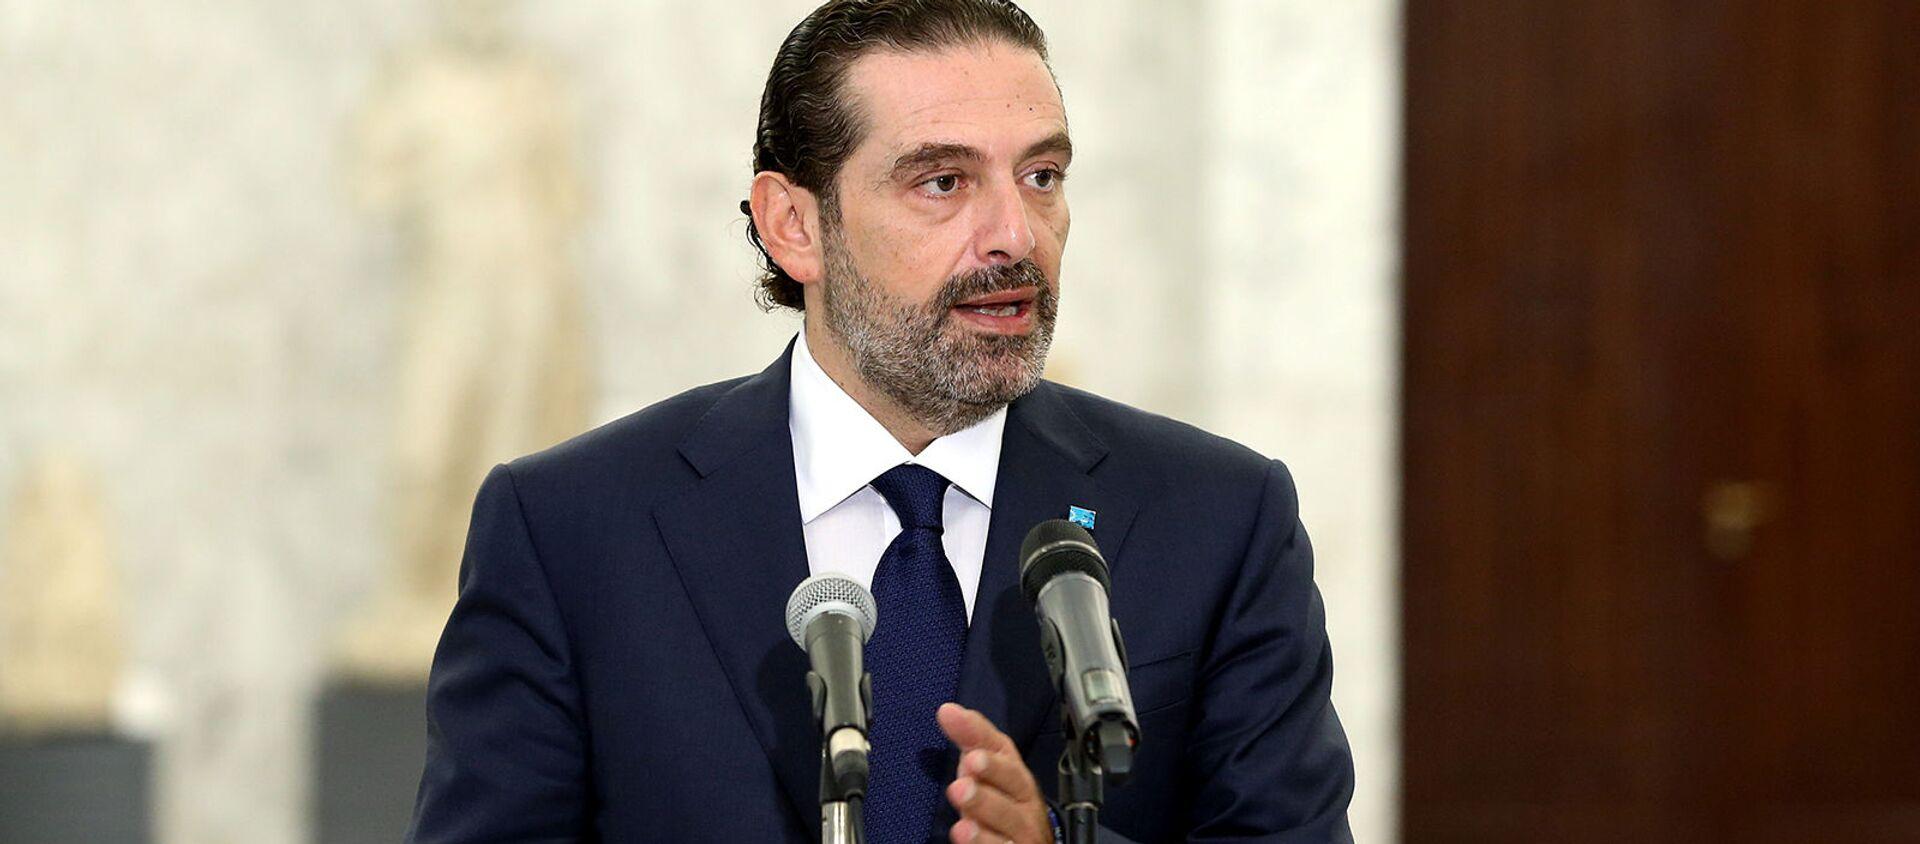 Бывший премьер-министр Саад аль-Харири выступает в президентском дворце в Баабде (12 октября 2020). Ливан - Sputnik Արմենիա, 1920, 22.10.2020